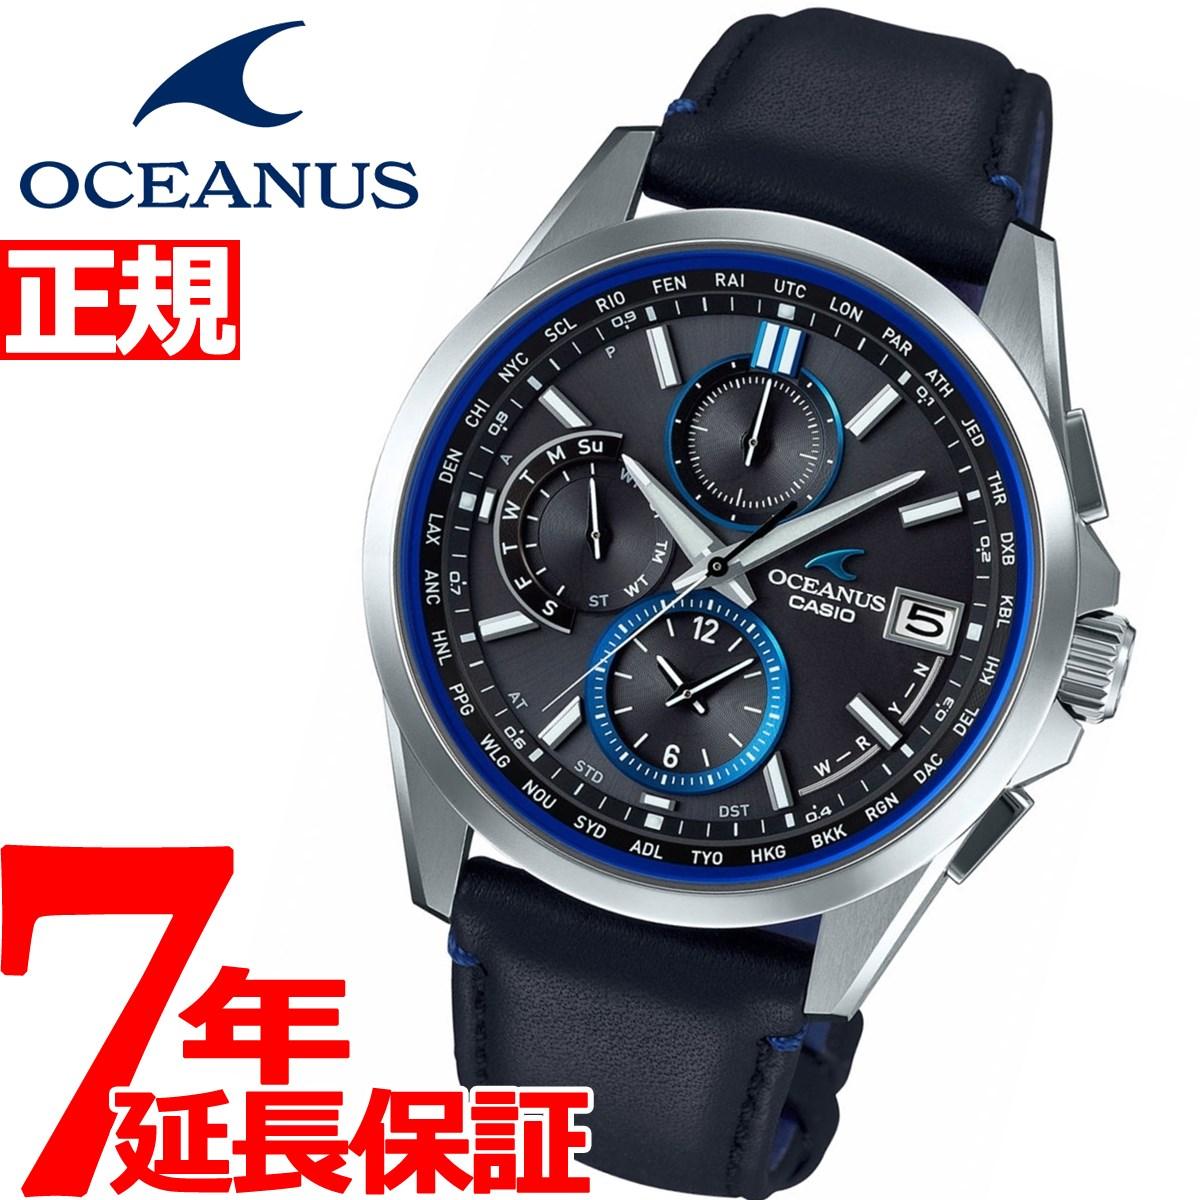 カシオ オシアナス CASIO OCEANUS Classic Line 電波 ソーラー 電波時計 腕時計 メンズ タフソーラー OCW-T2600L-1AJF【2018 新作】